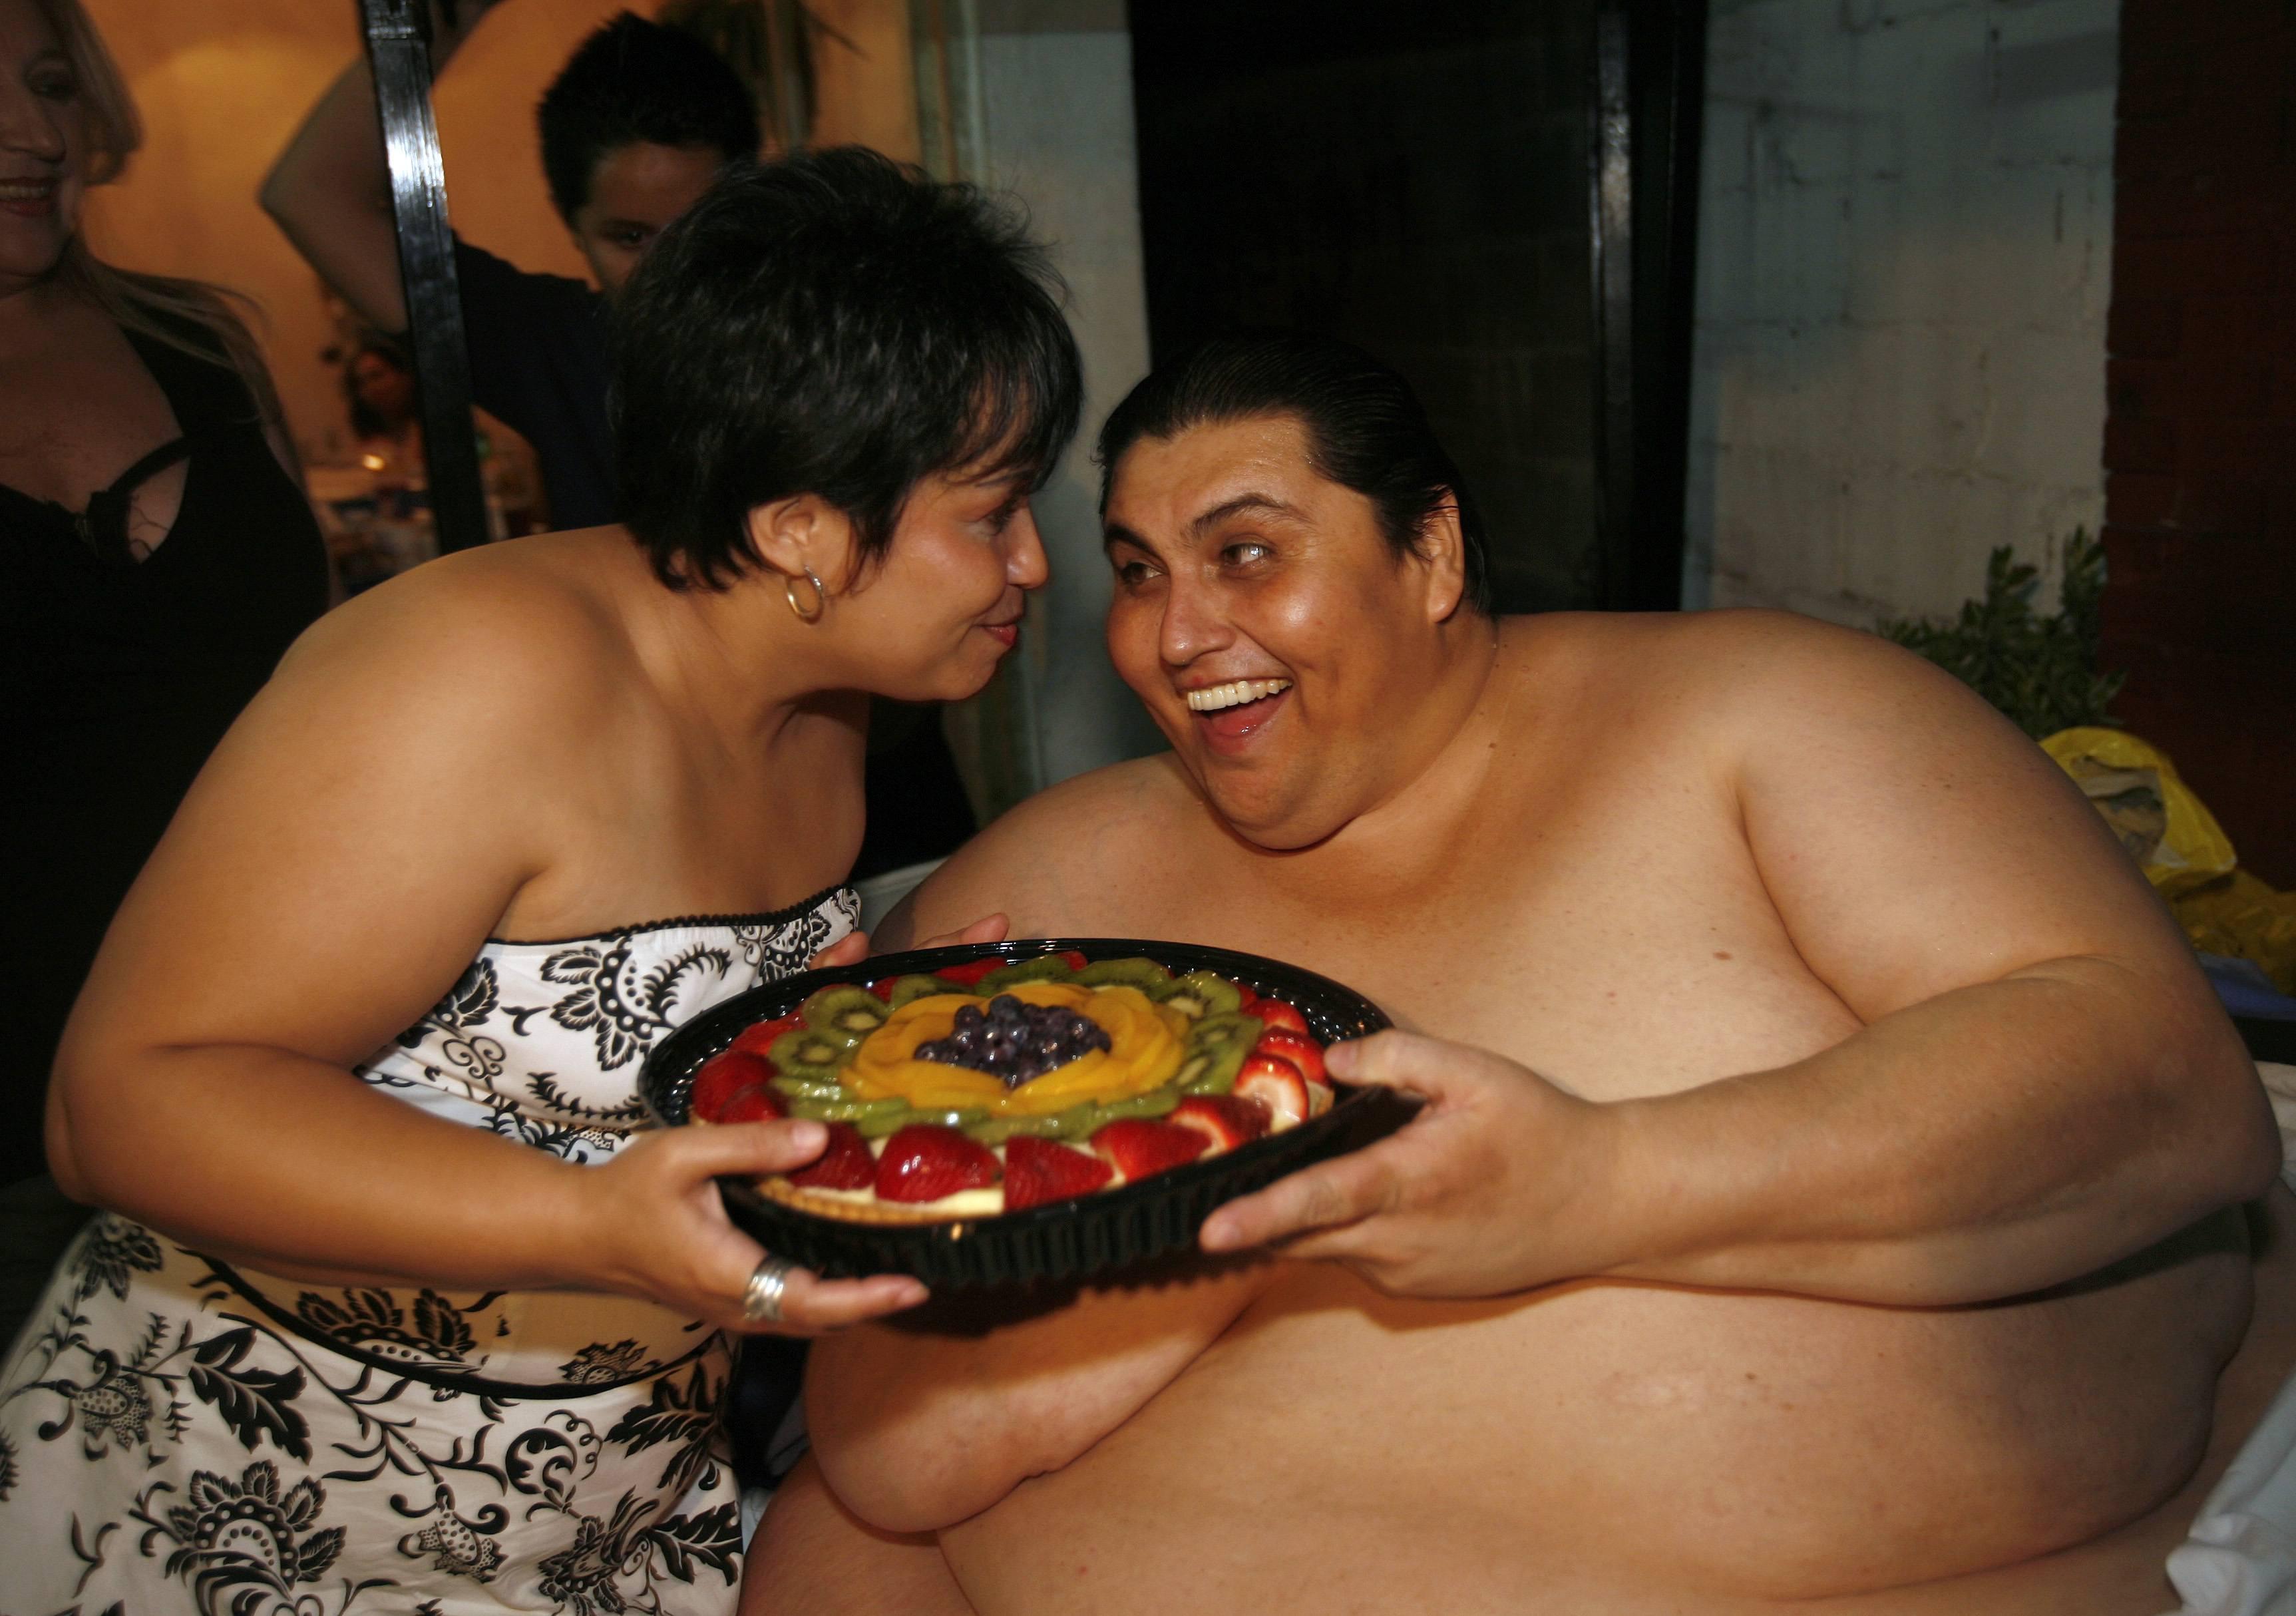 Толстая и сын ебется, Порно: жирная мама и сын занимаются сексом в комнате 1 фотография